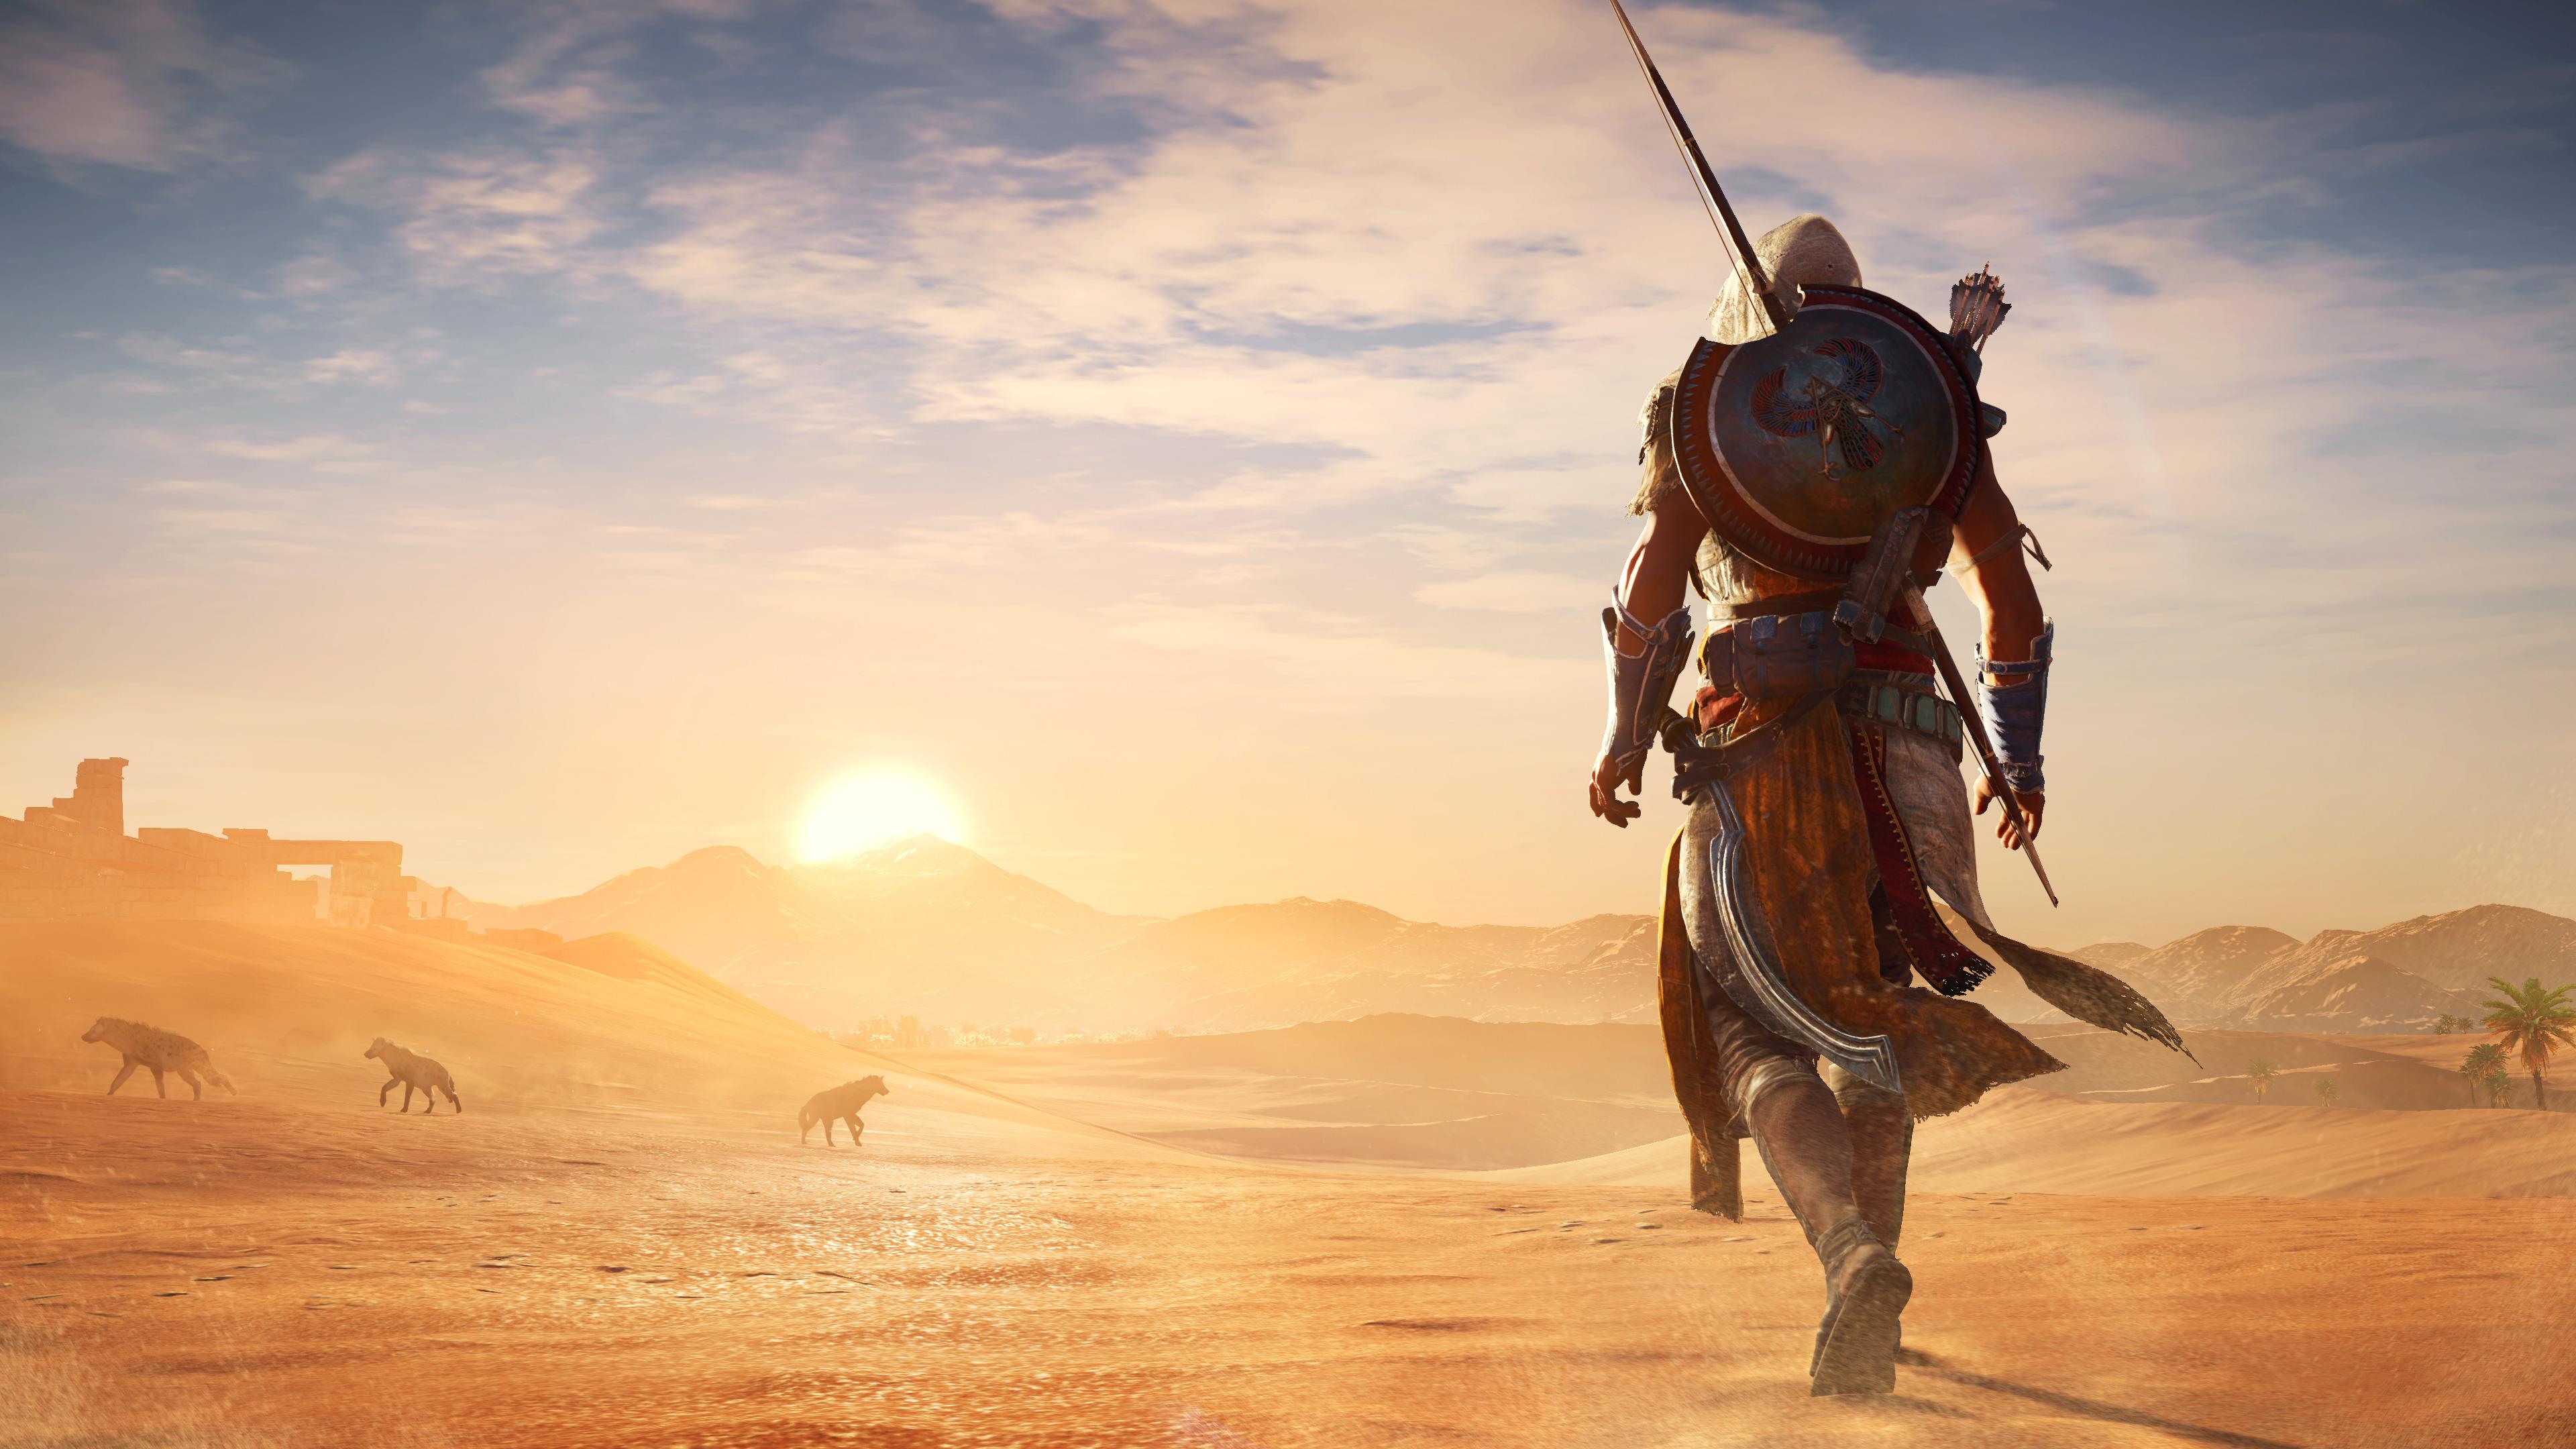 Ассассинс Крид происхождение жаркой пустыне. обои скачать